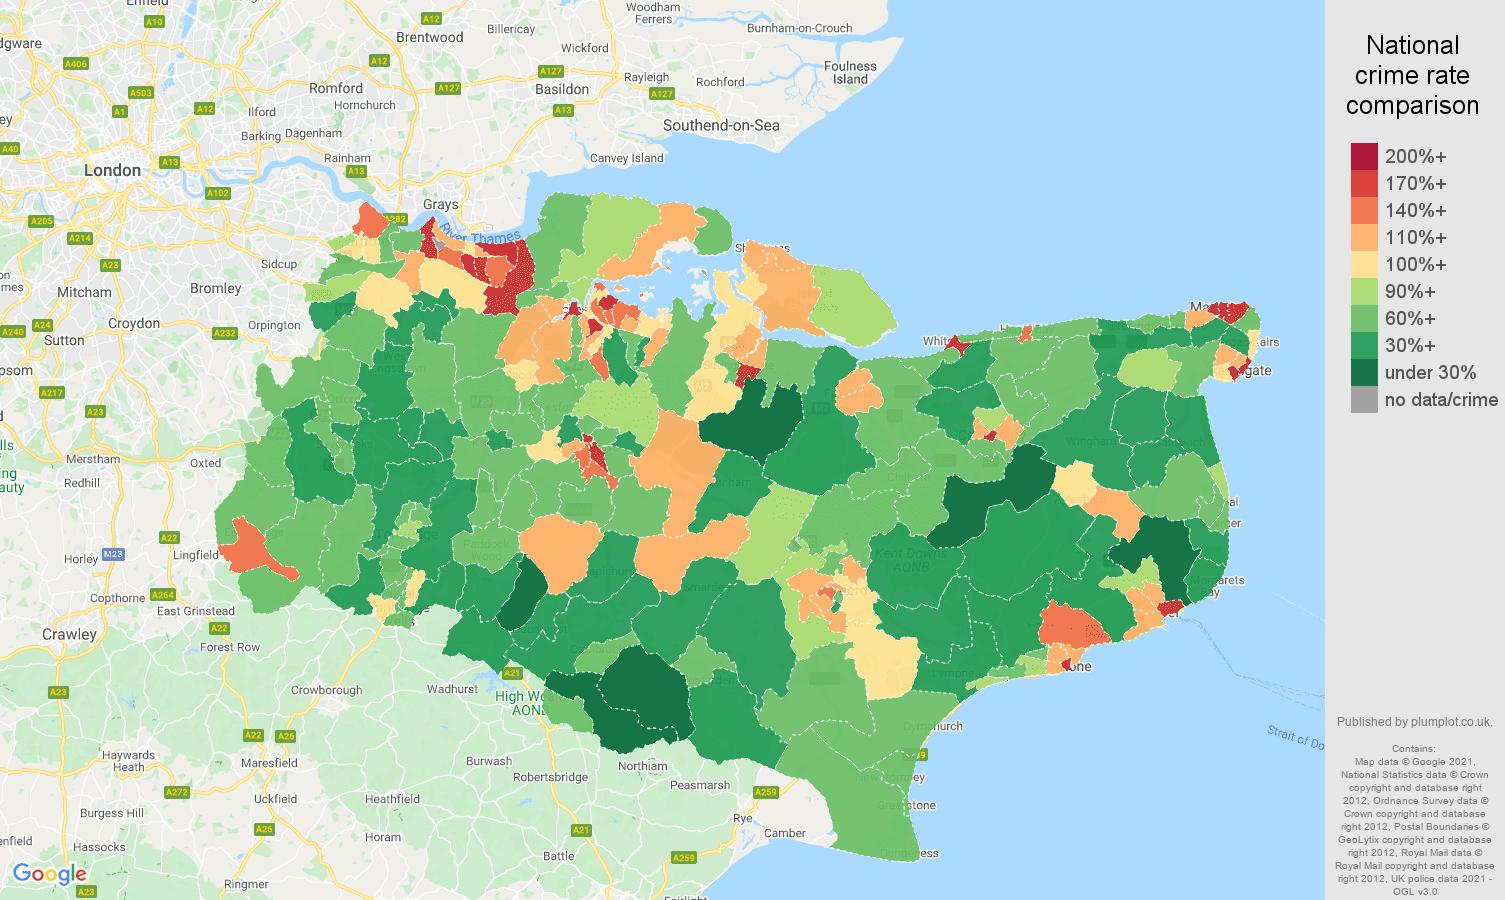 Kent antisocial behaviour crime rate comparison map